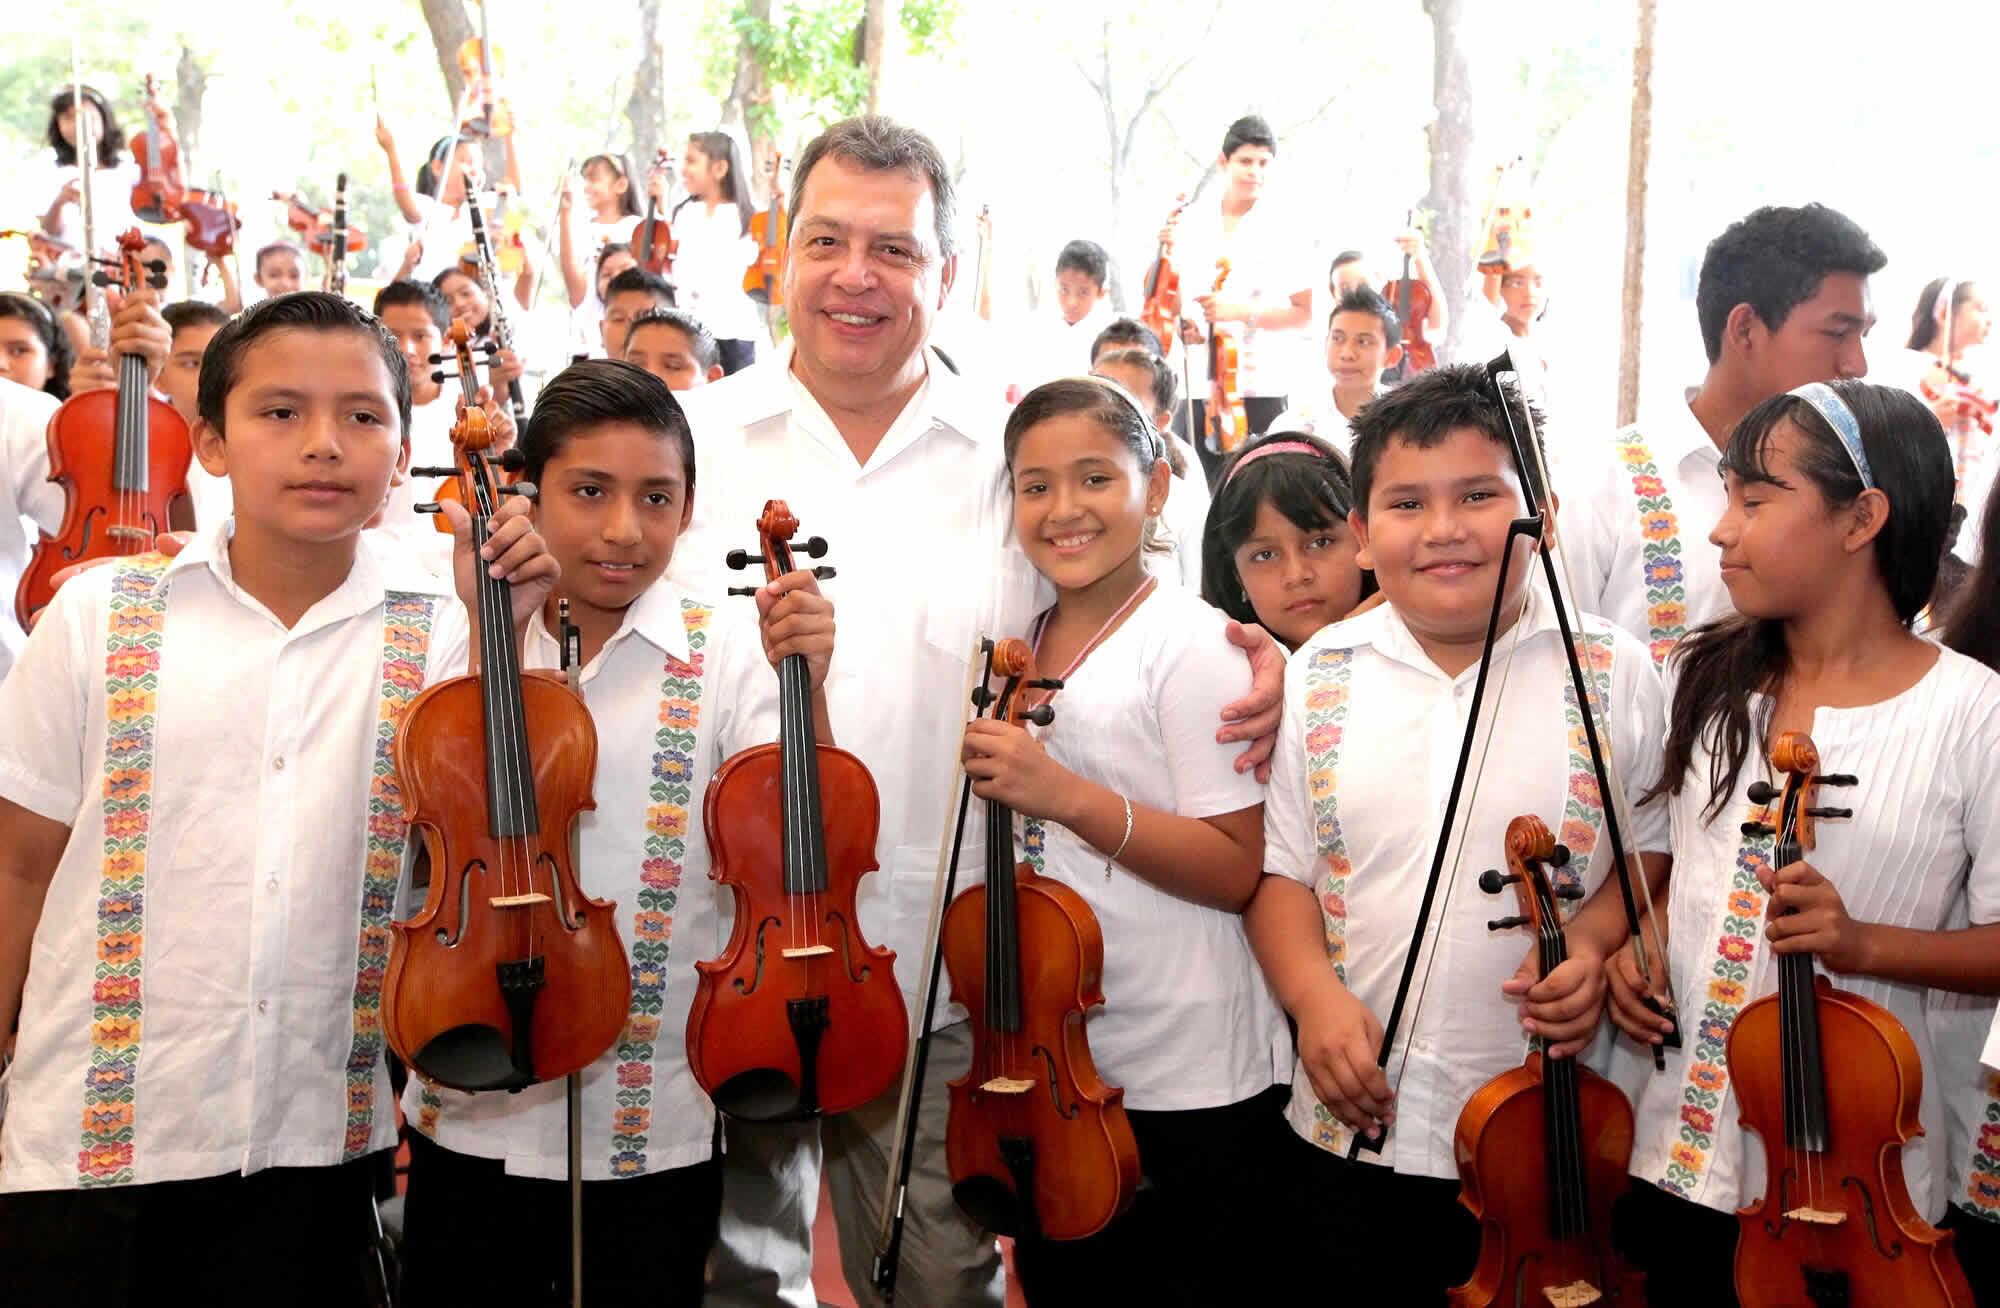 Integrantes de la orquesta infantil y juvenil Renacimiento, Acapulco, México.